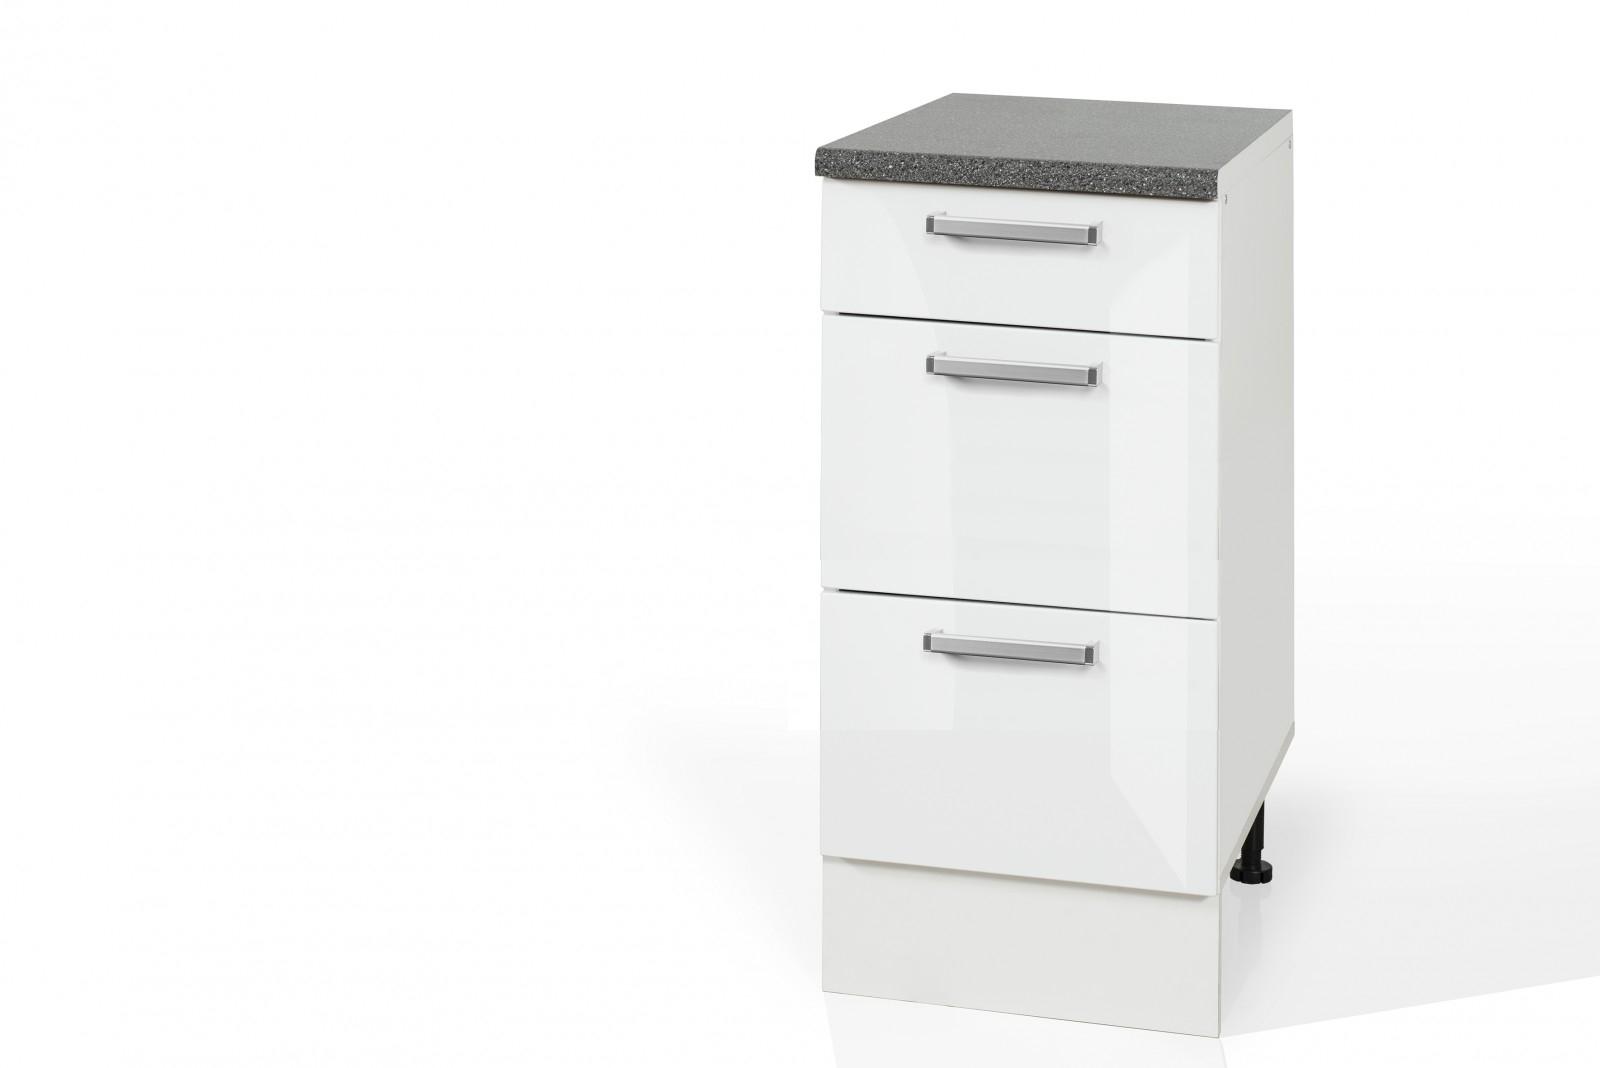 Base drawer cabinet for kitchen